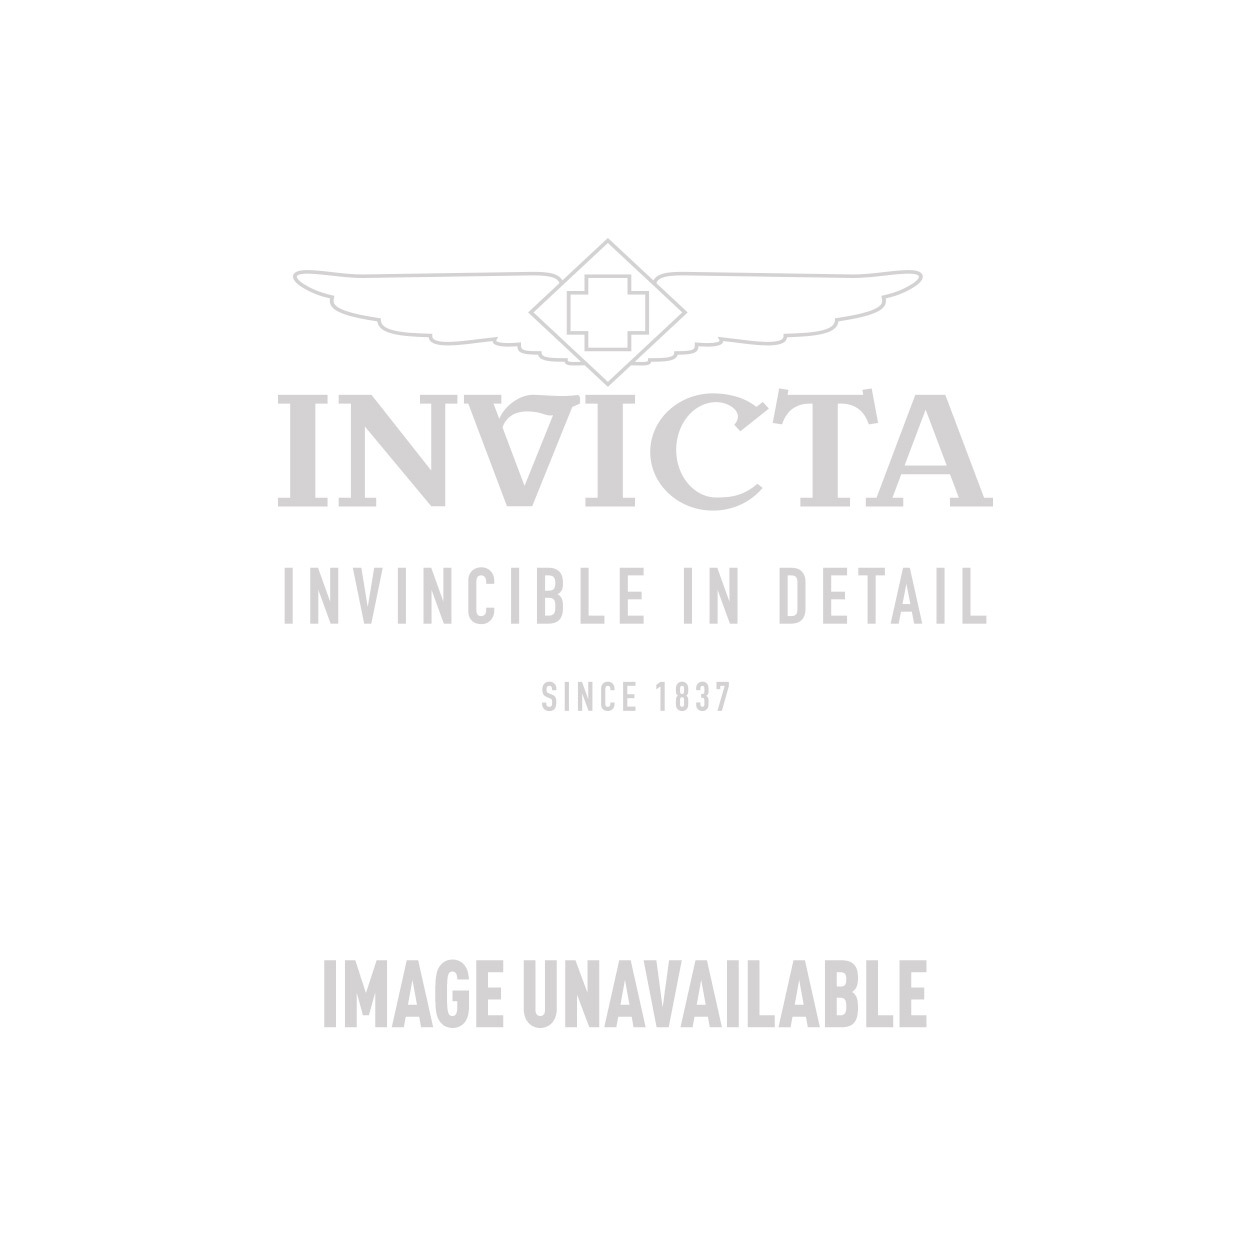 Invicta Model 23158